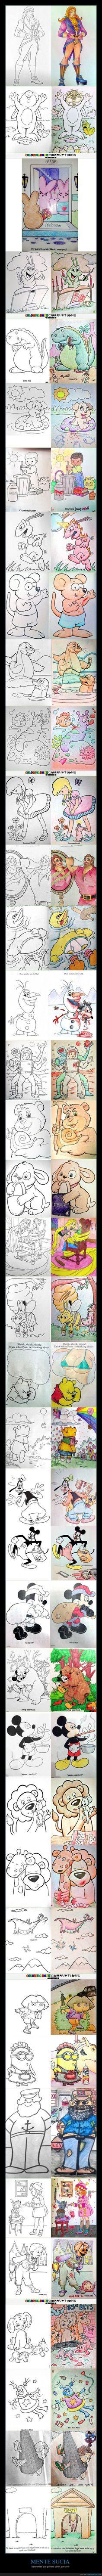 Esto es lo que pasa cuando adultos colorean 39 dibujos para niños - Sólo tenías que ponerle color, por favor   Gracias a http://www.cuantarazon.com/   Si quieres leer la noticia completa visita: http://www.estoy-aburrido.com/esto-es-lo-que-pasa-cuando-adultos-colorean-39-dibujos-para-ninos-solo-tenias-que-ponerle-color-por-favor/